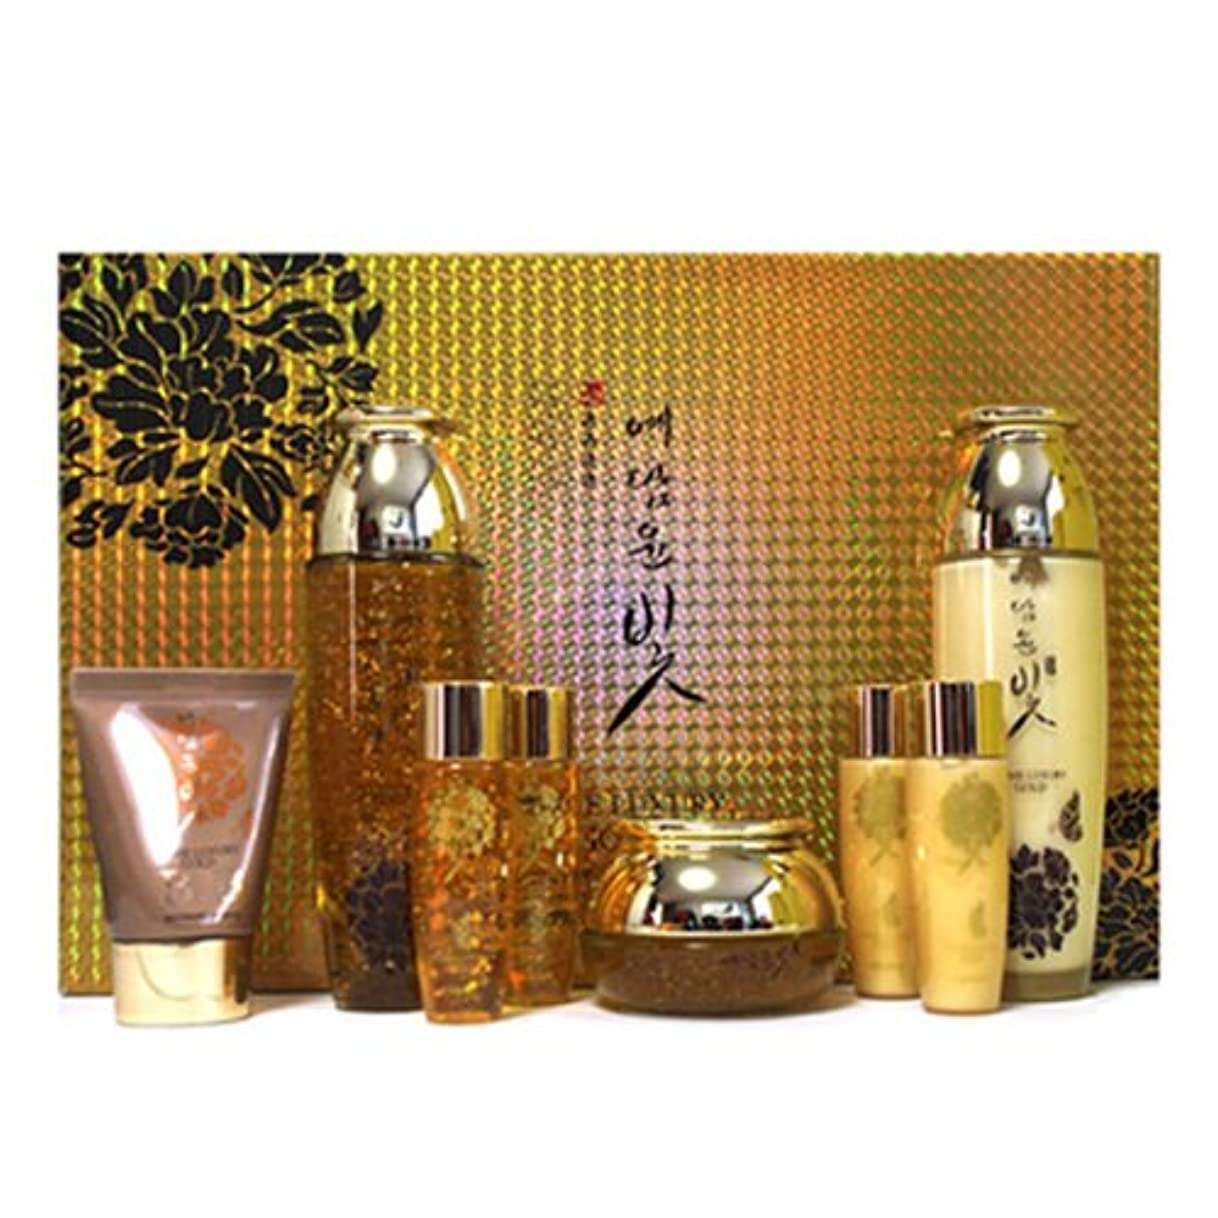 予言する呼吸する瞳イェダムユンビト[韓国コスメYedam Yun Bit]Prime Luxury Gold Skin Care Set プライムラグジュアリーゴールドスキンケア4セット 樹液 乳液 クリーム/ BBクリーム [並行輸入品]